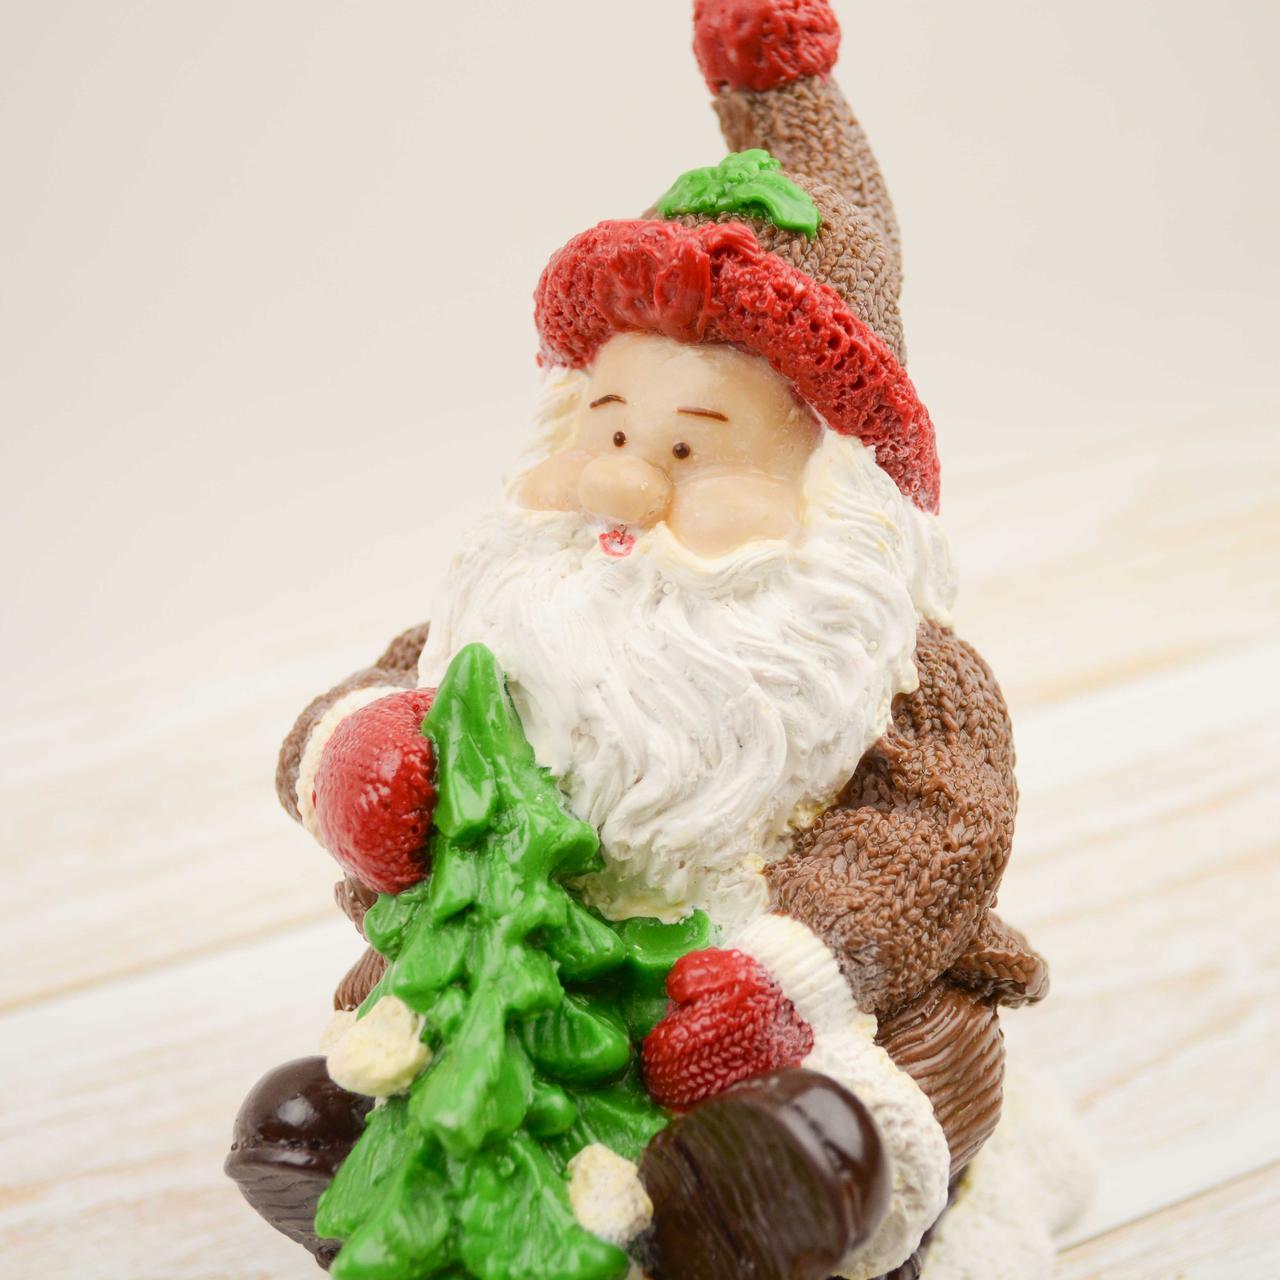 """Шоколадная фигура """"Дед мороз с елкой"""" ЭЛИТНОЕ сырье. Размер: 155х80х155мм, вес 600г, фото 1"""